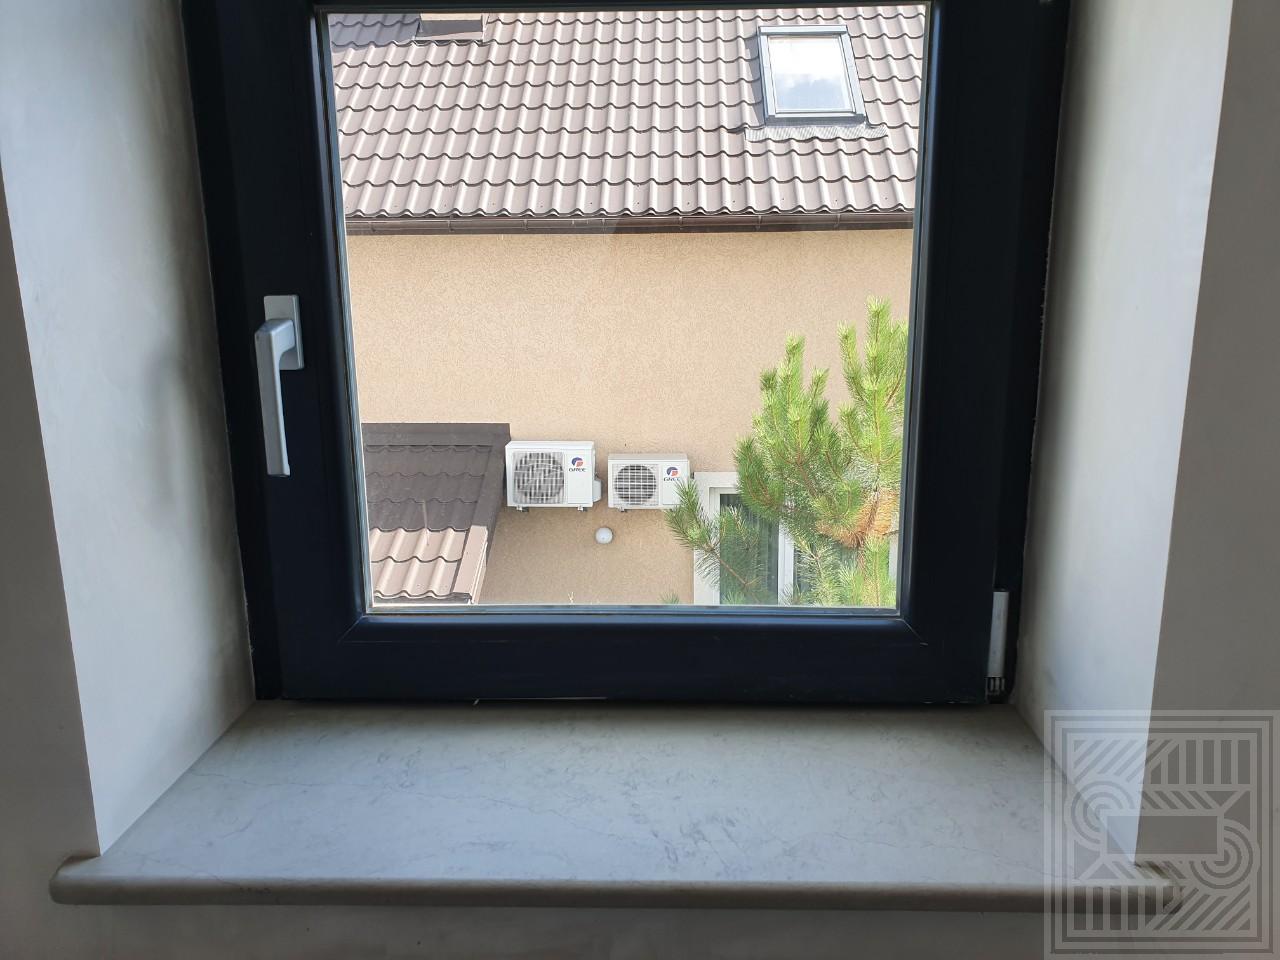 Подоконник из мрамора Thala Grey Royal в обработке Leather 20 мм windowsill-marble - IMG 57a61c9d2673f5246c75762a83b65186 V